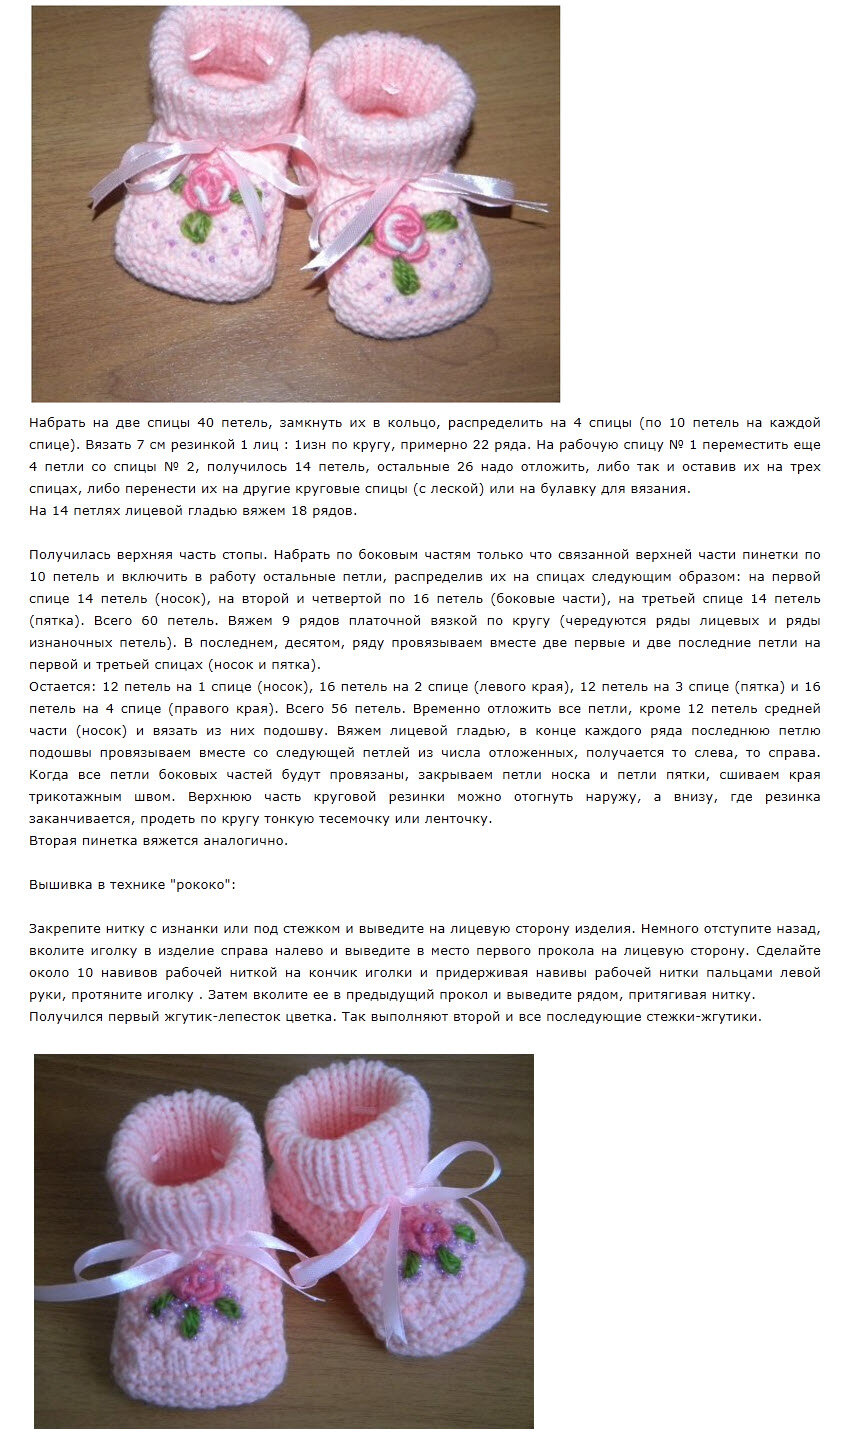 Пинетки крючком для новорожденных: схемы и описание с видео (от 0 до 2 месяцев)